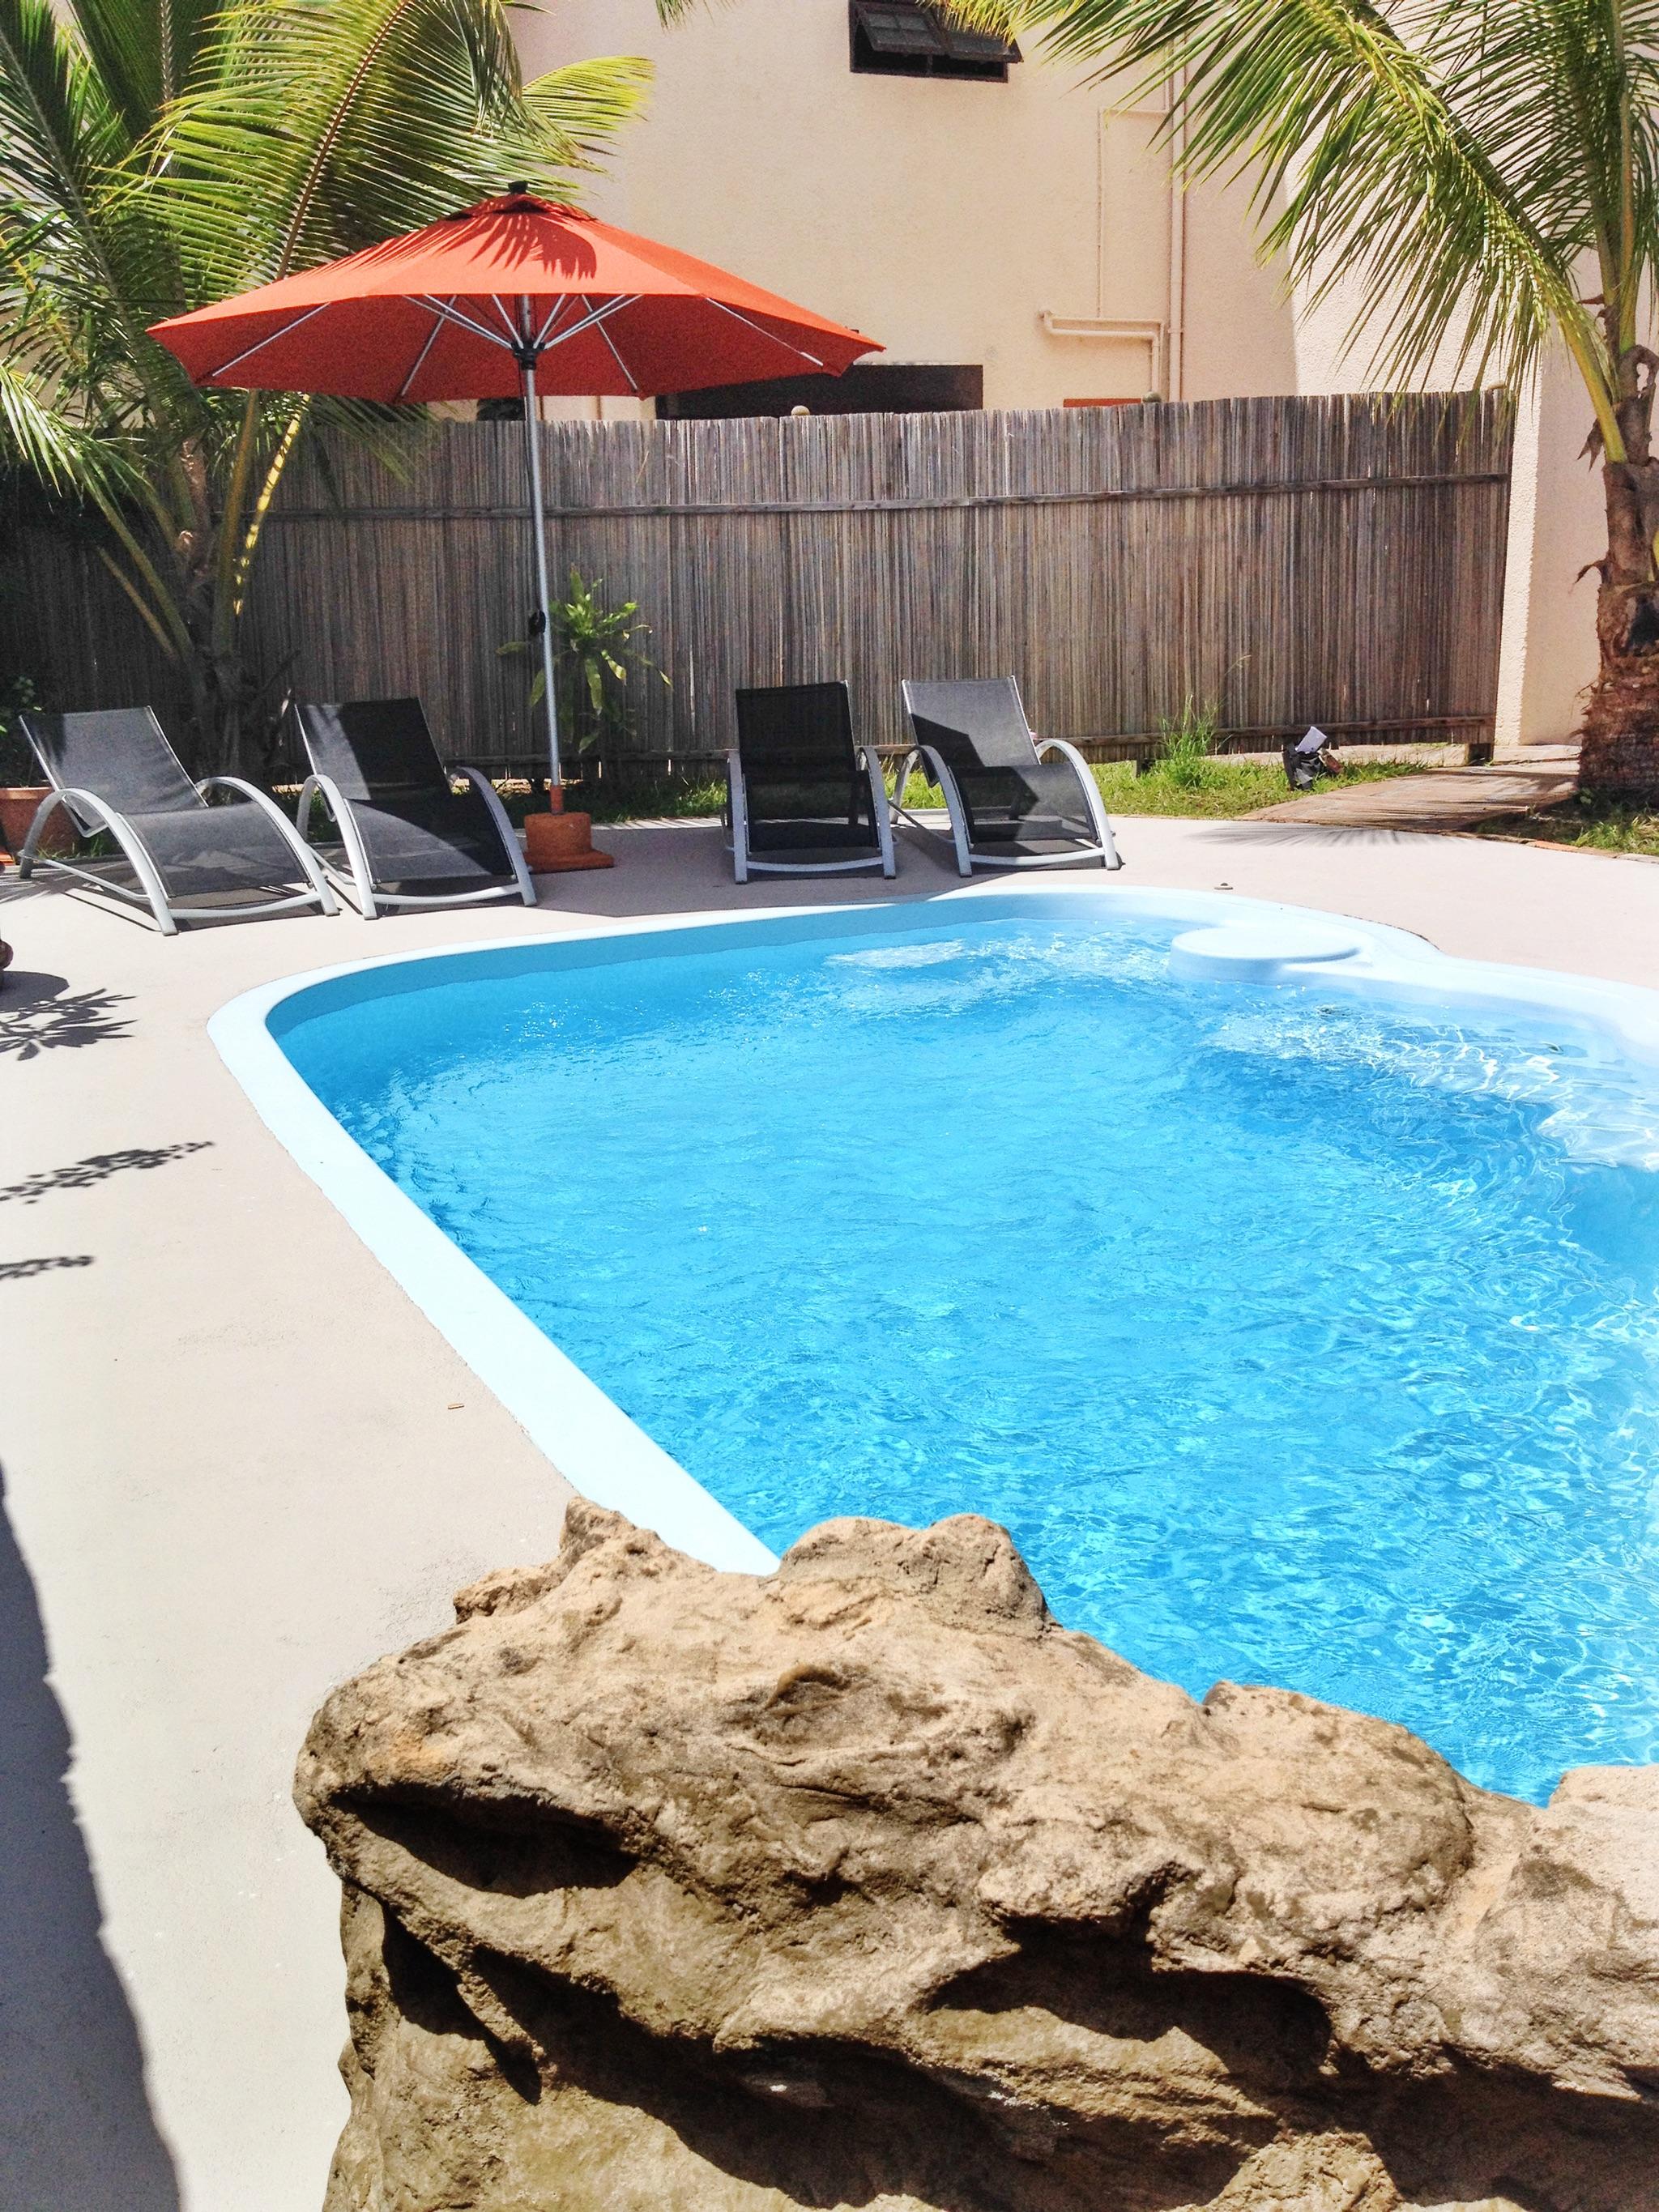 In Mauritius - Moderne Wohnung mit Pool und Jacuzz Ferienwohnung in Afrika